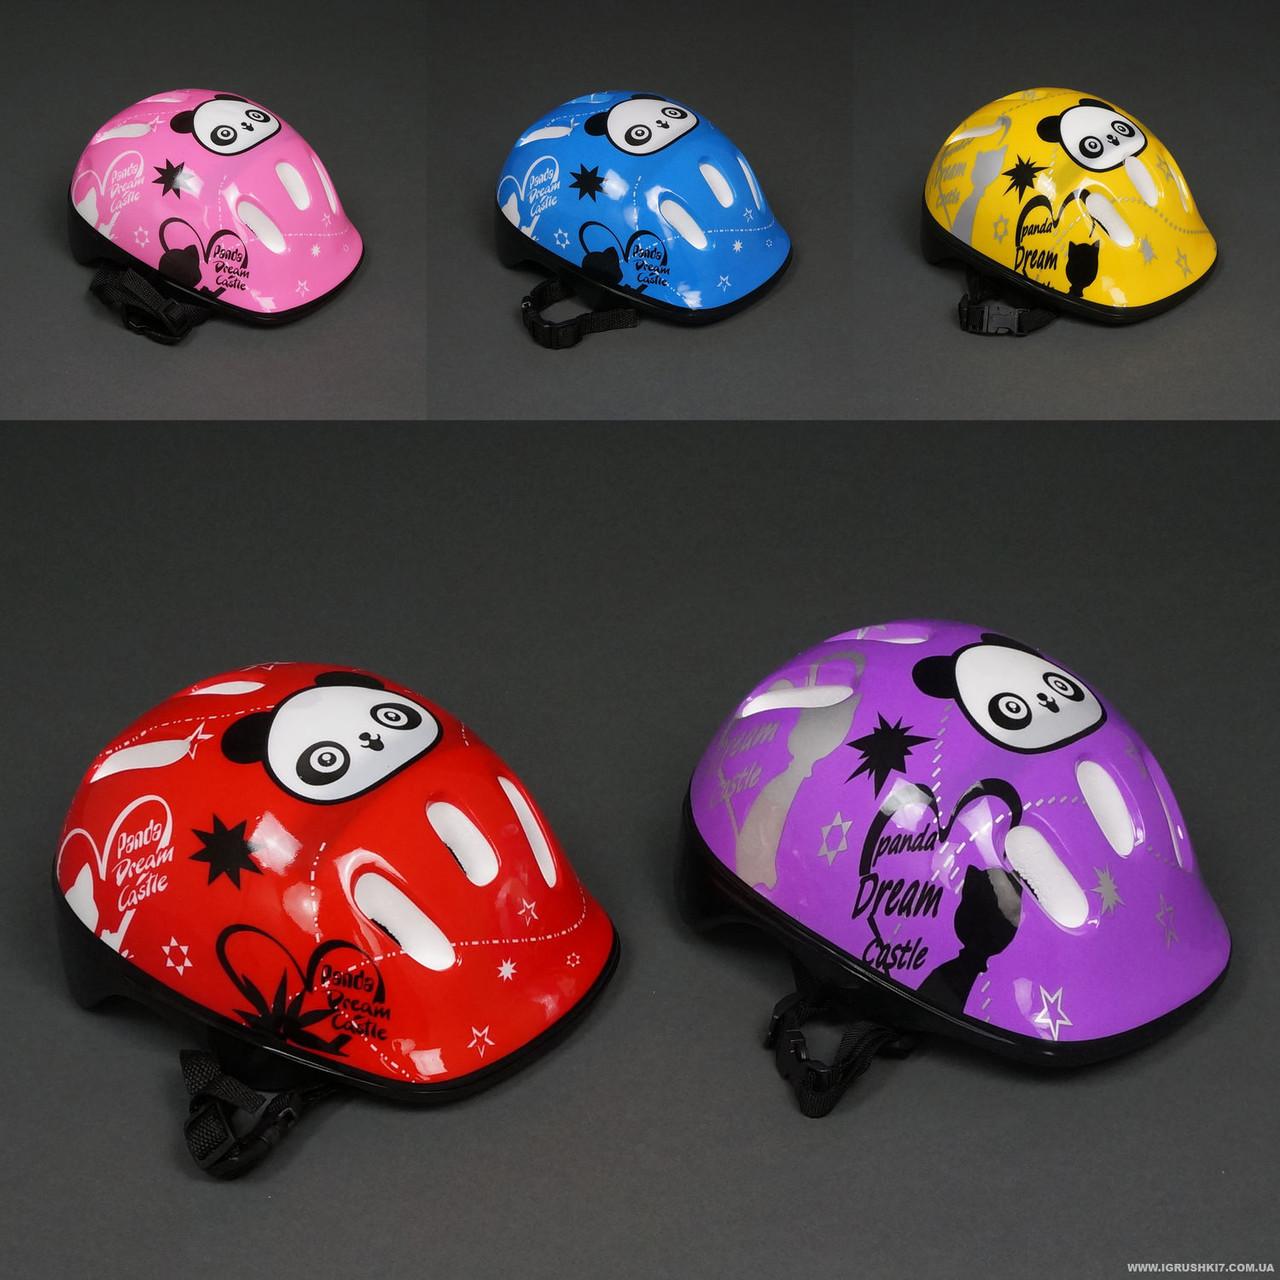 Защитный шлем для катания  779-124 *** - Интернет-магазин Одесса ОПТ в Одессе